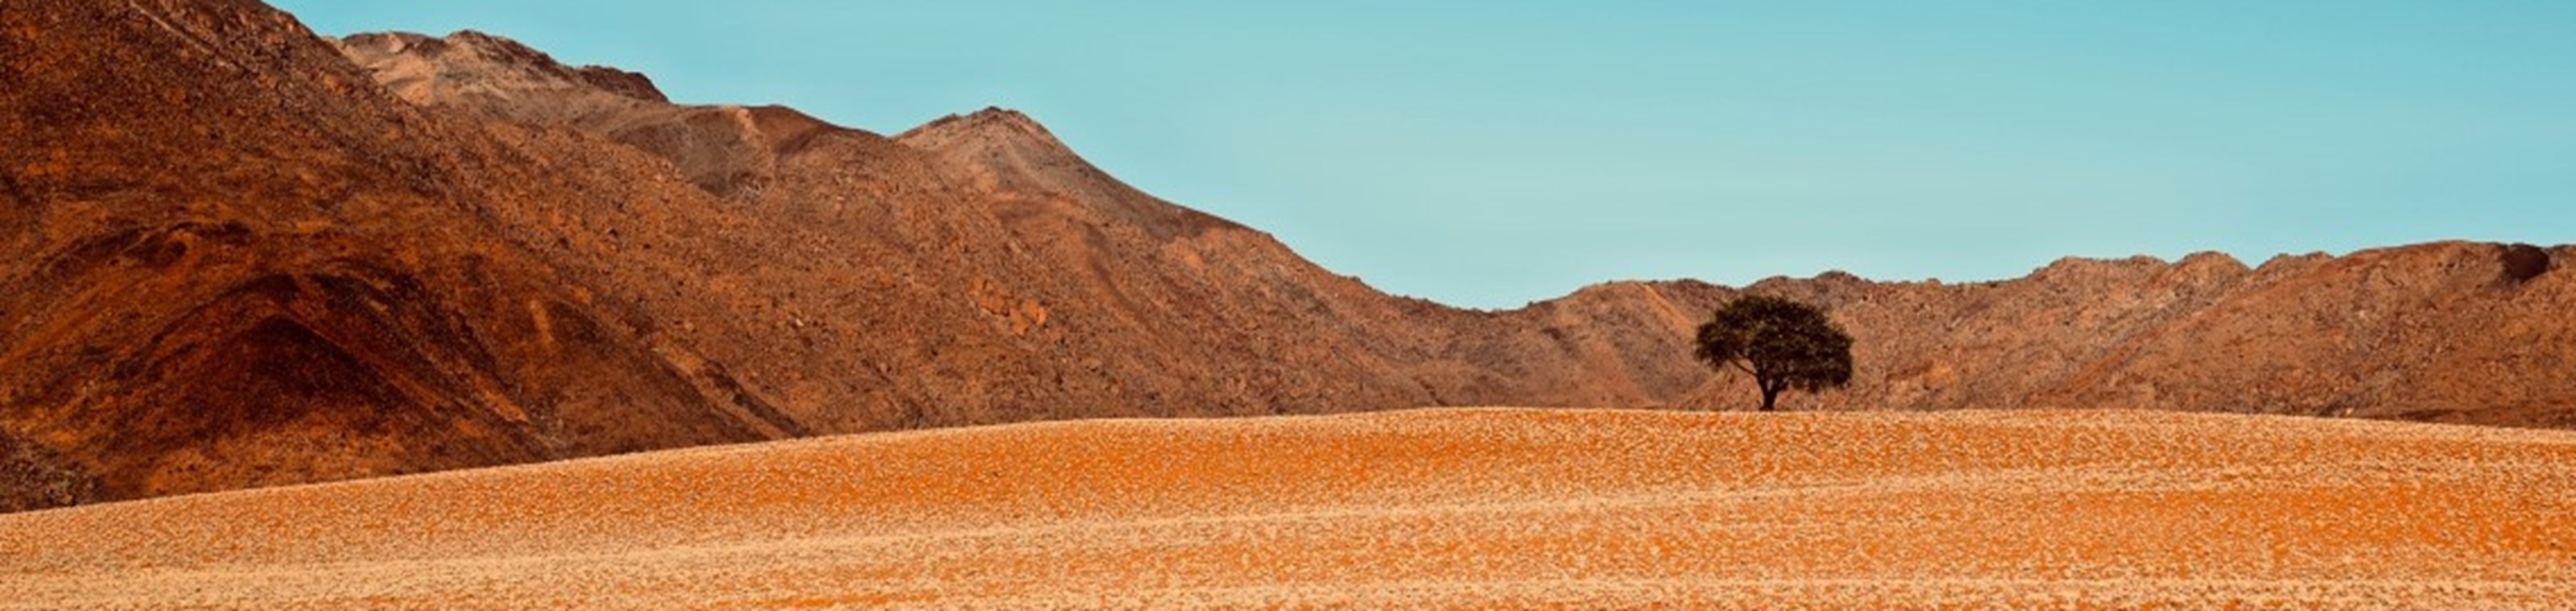 Landinformatie Namibië